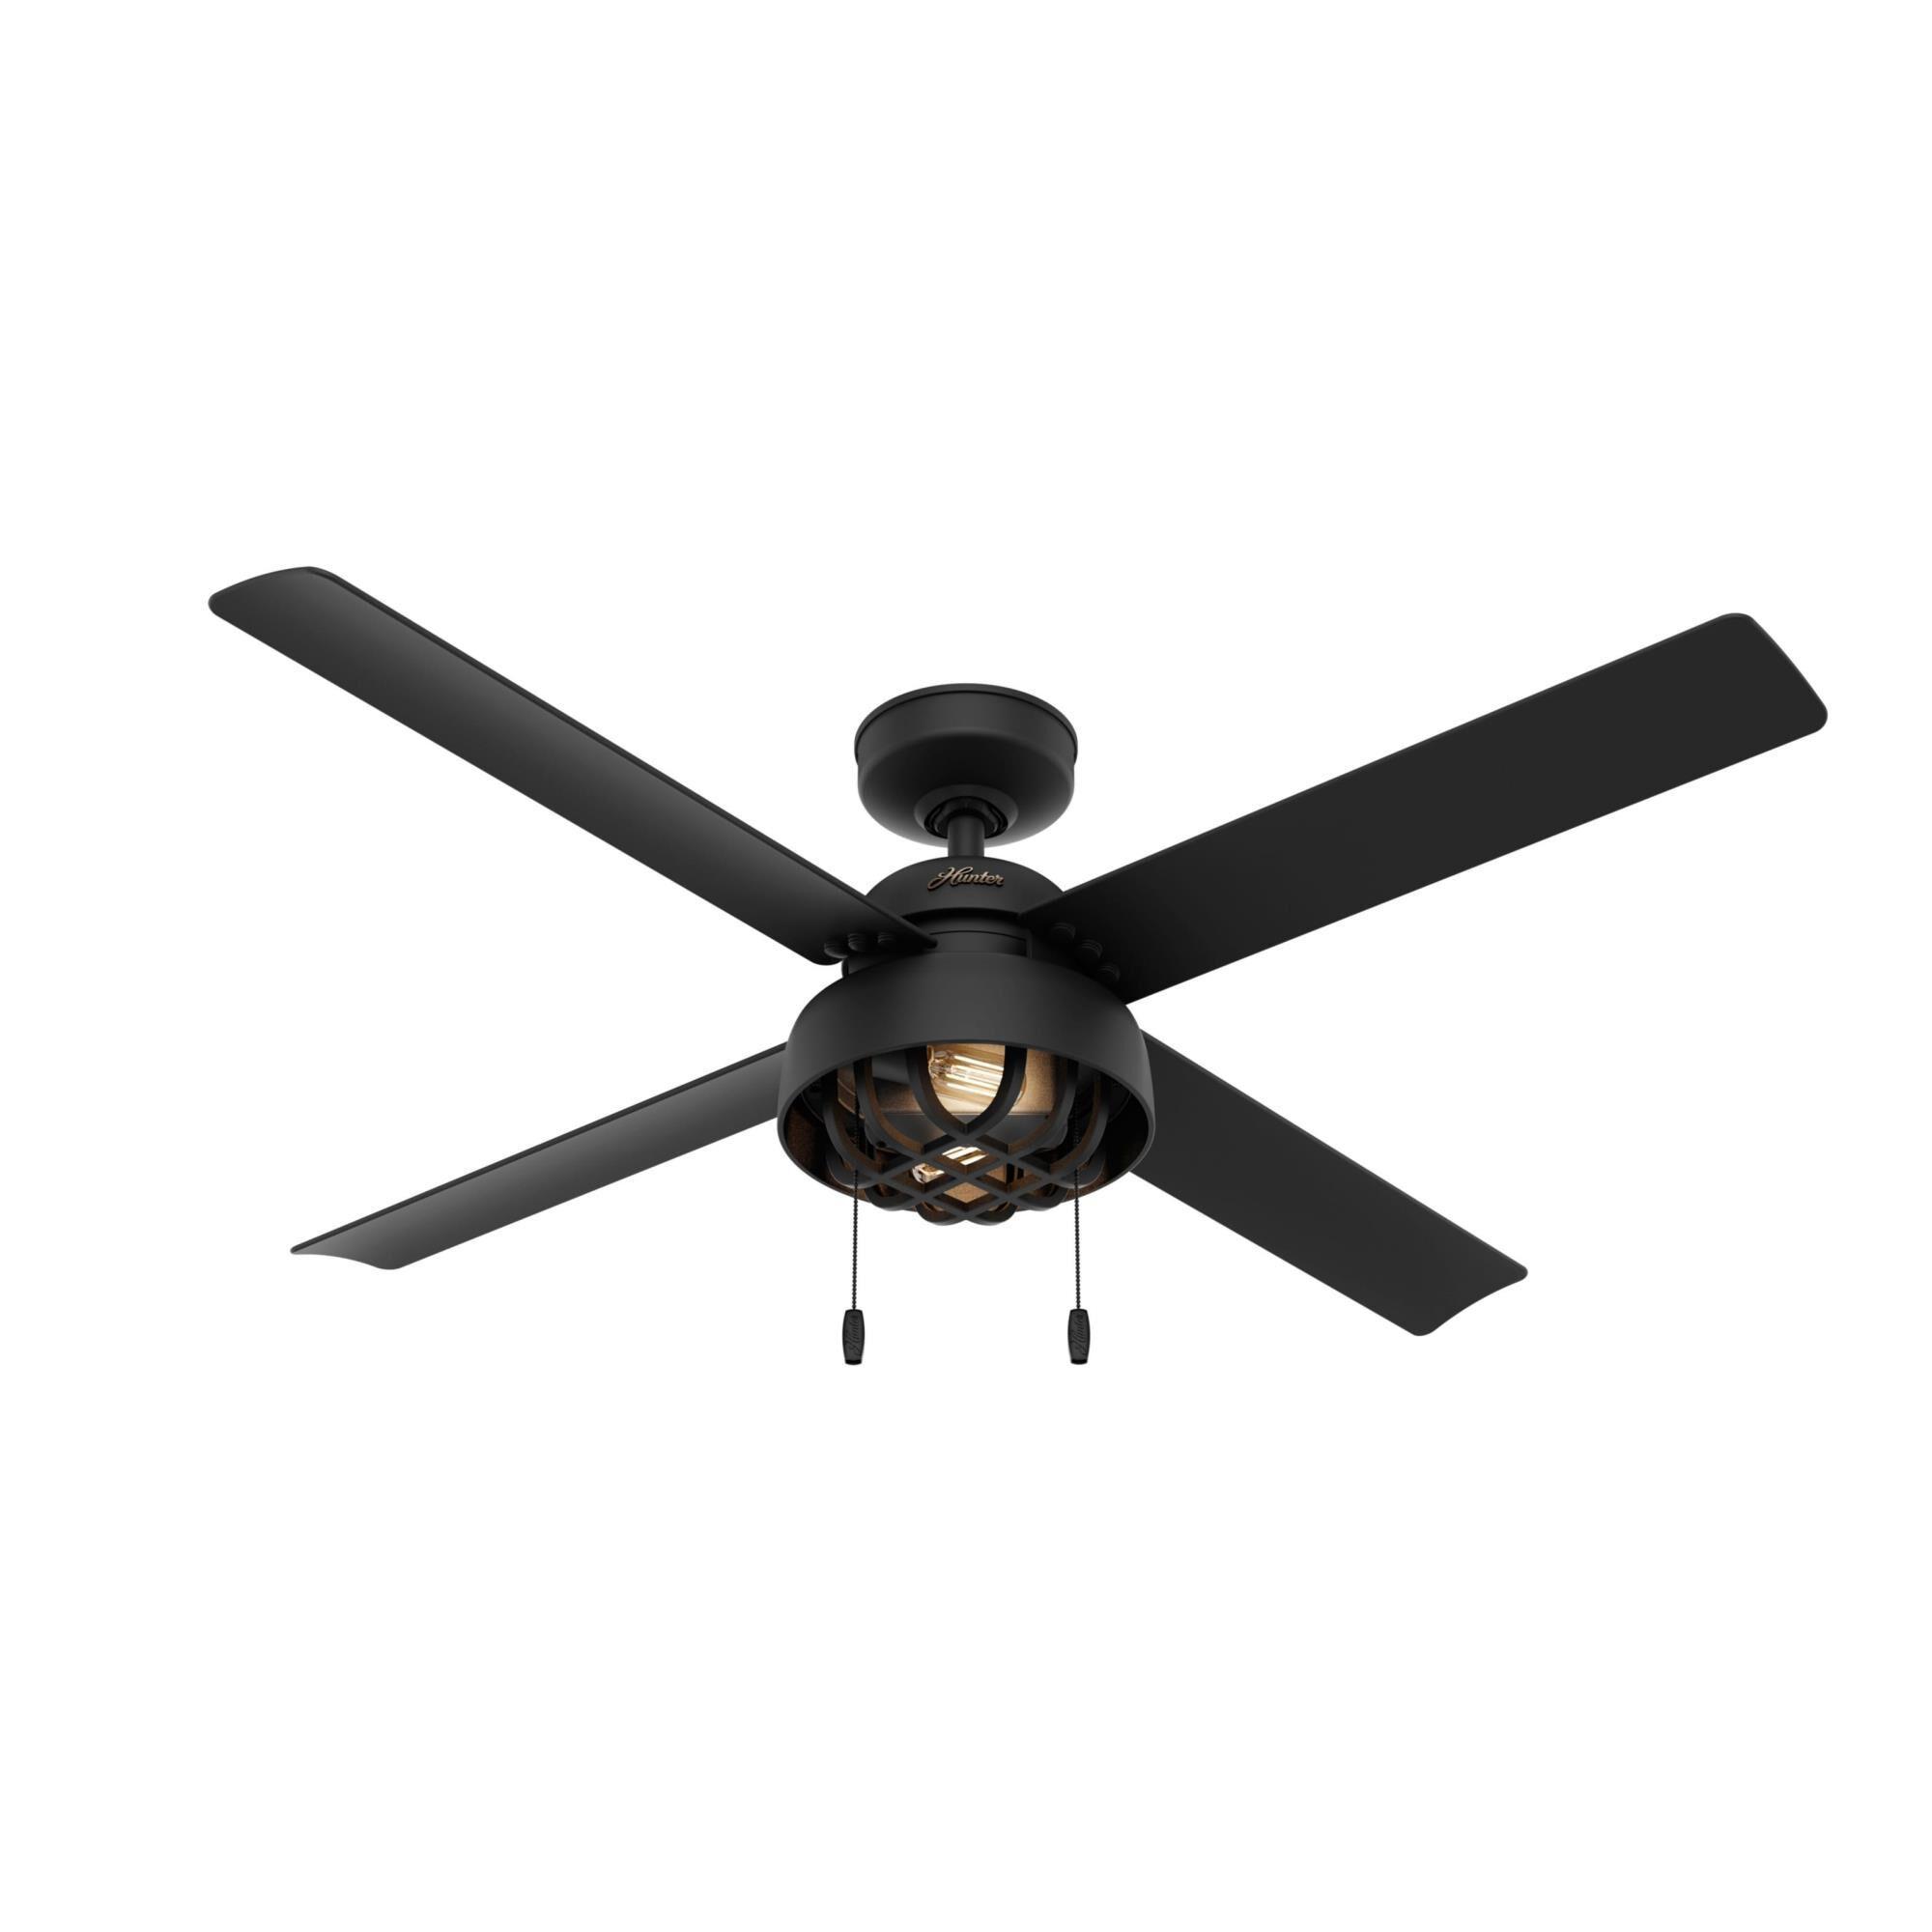 Spring Mill 52 Inch Ceiling Fan With Light Kit Capitol Lighting Black Ceiling Fan Ceiling Fan Led Ceiling Fan